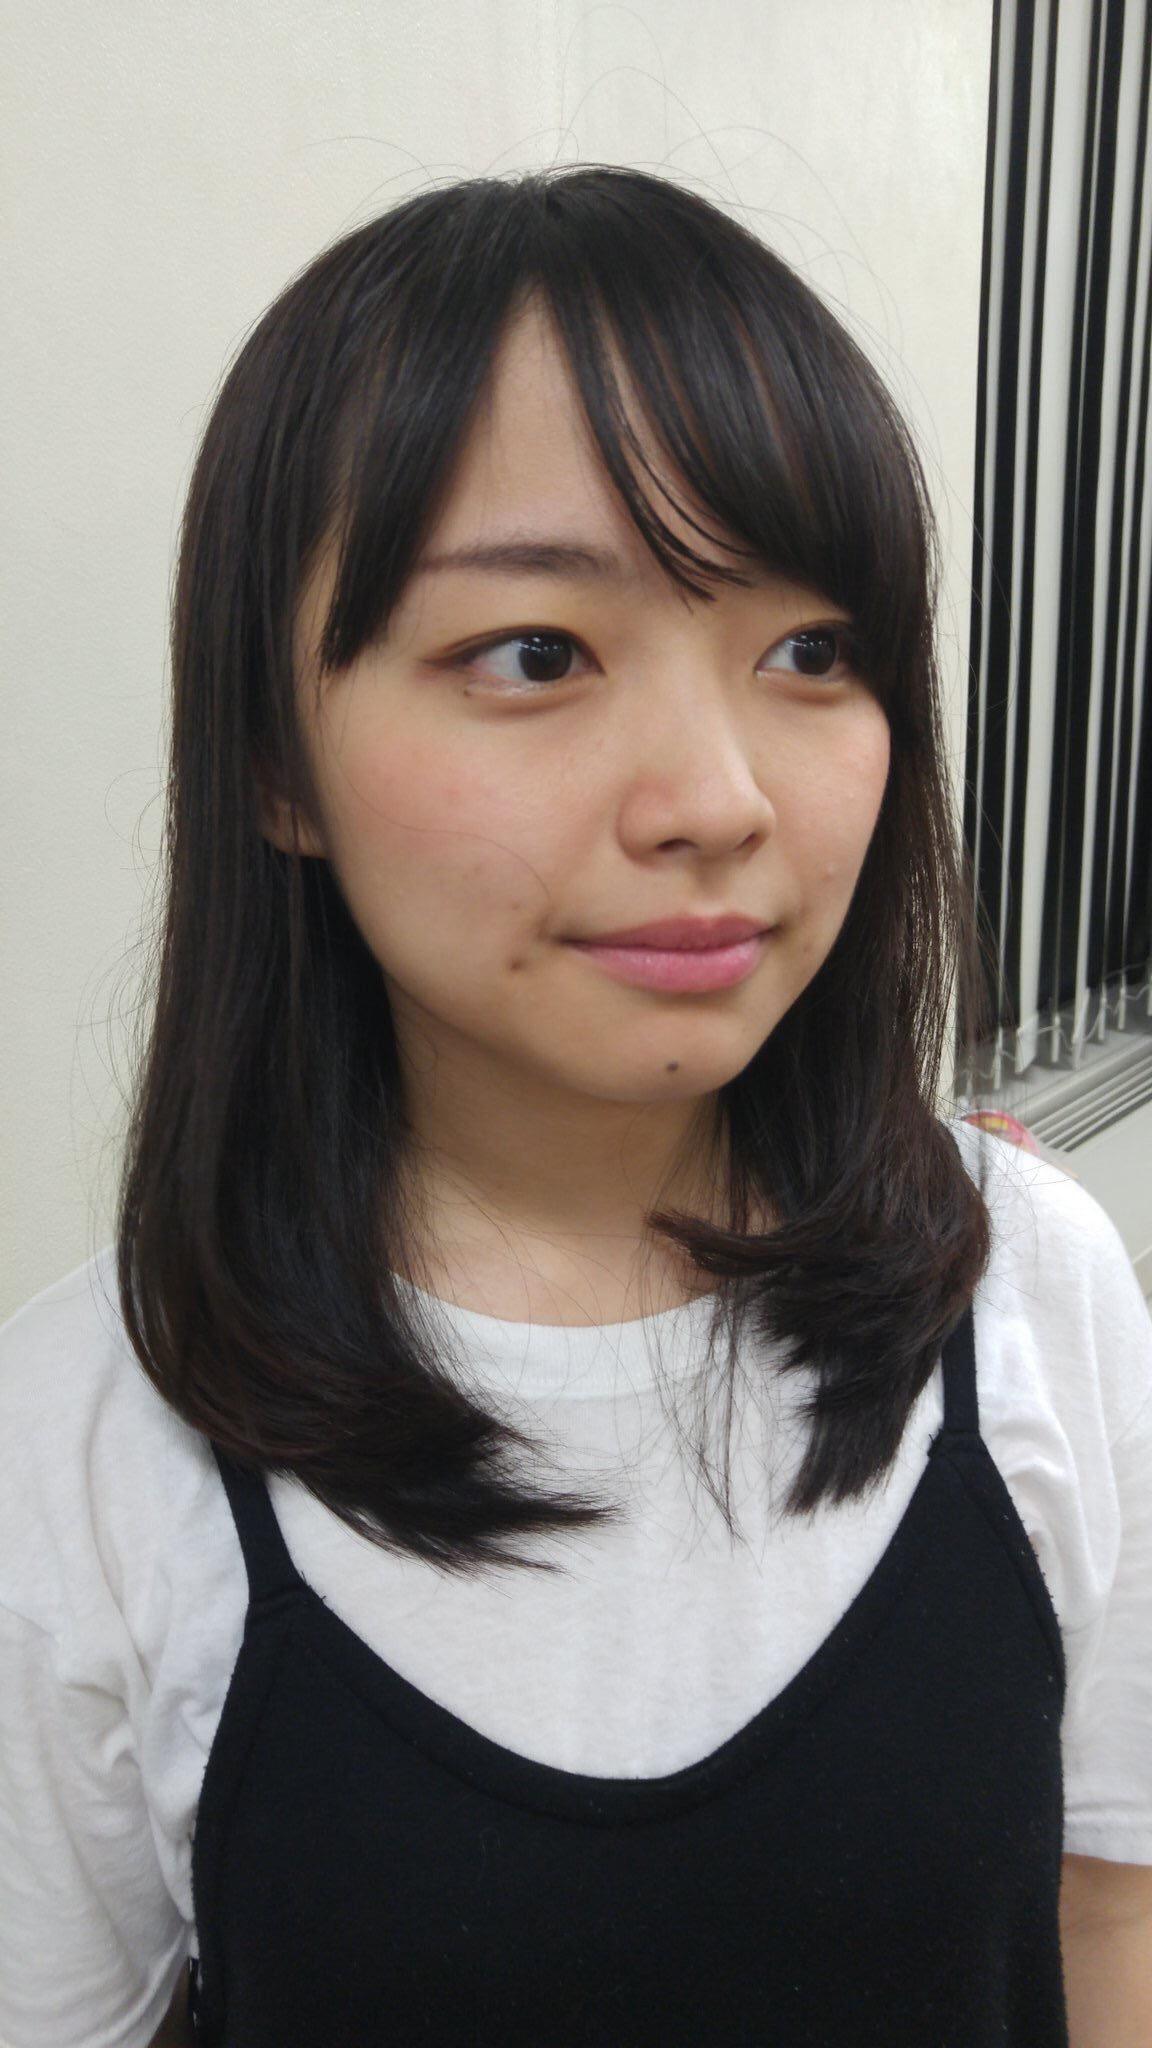 中国最強美少女の巨乳JKが日本の制服来てみましたwwwwwwwwwwwwww h3J3iNb